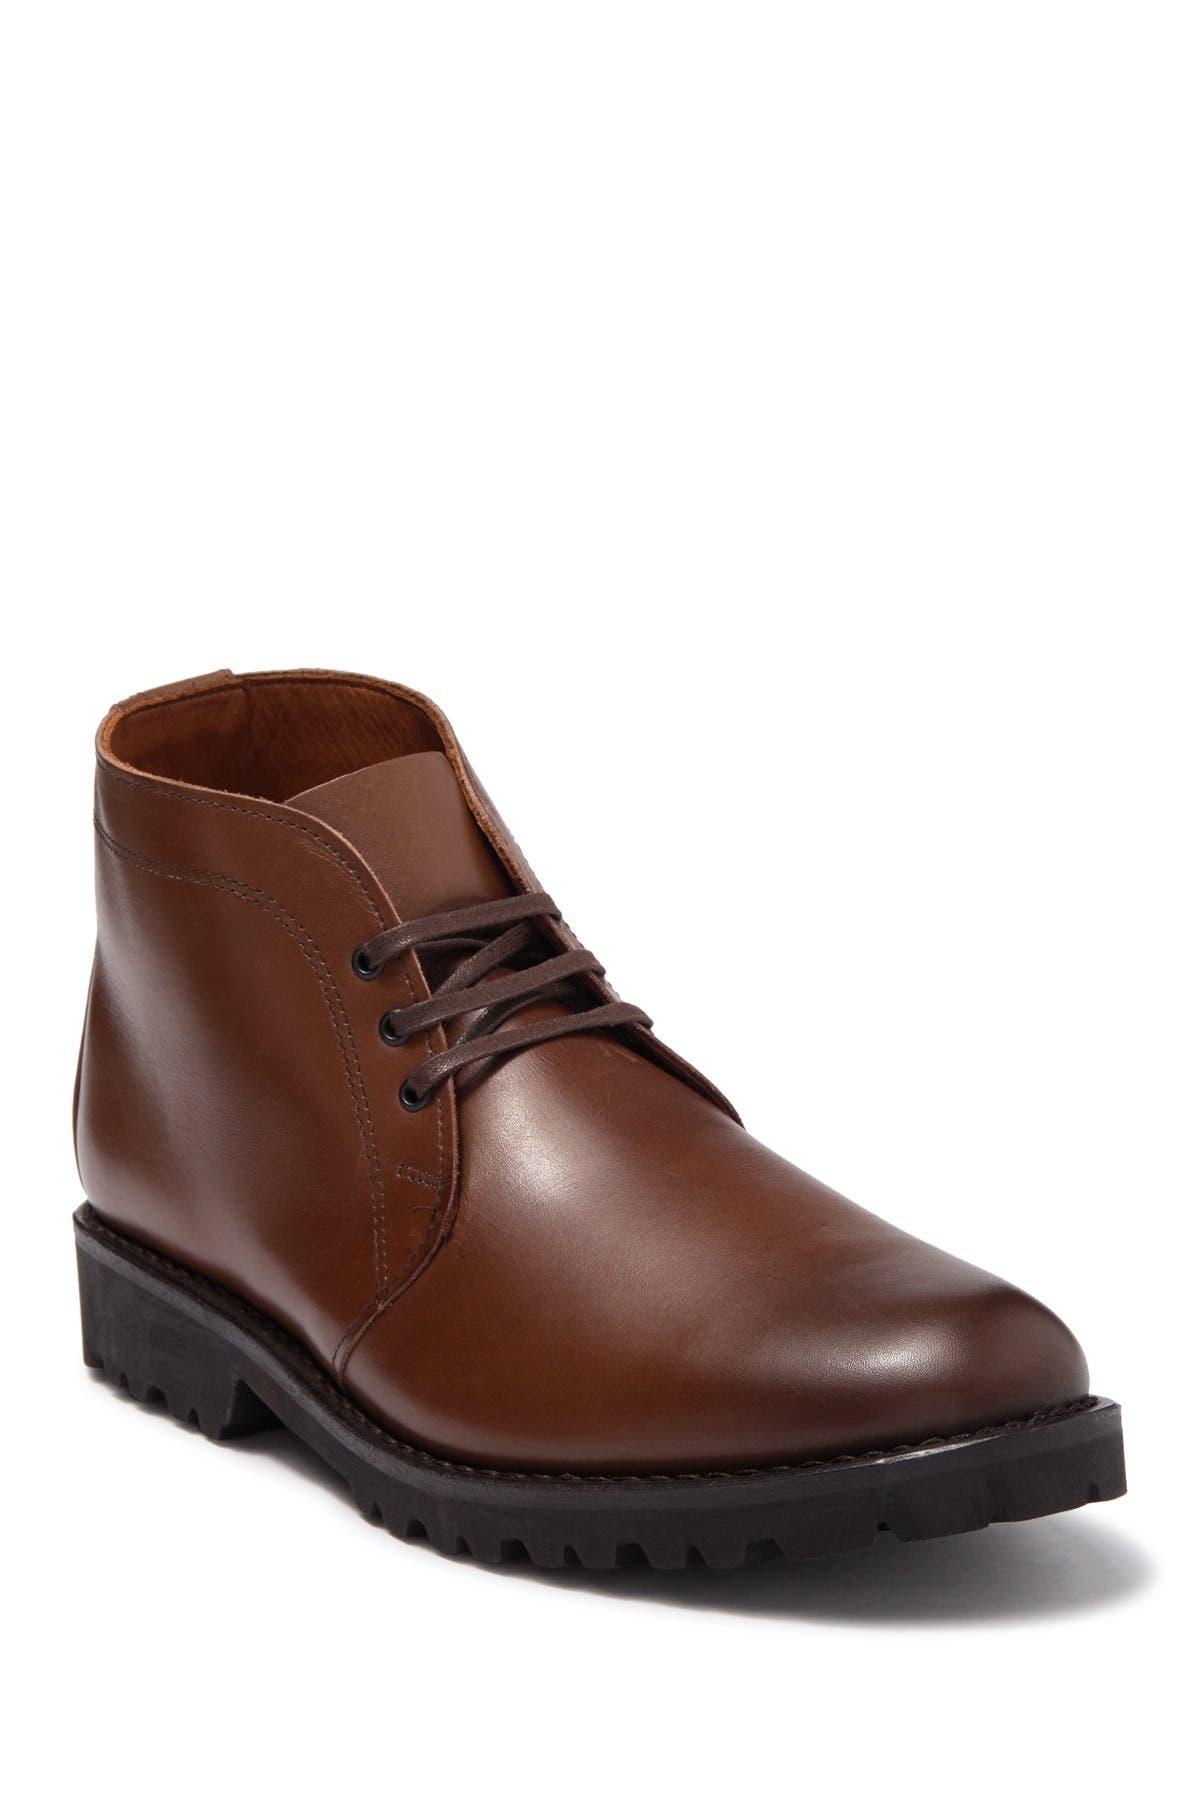 Allen Edmonds | Wilson Leather Chukka